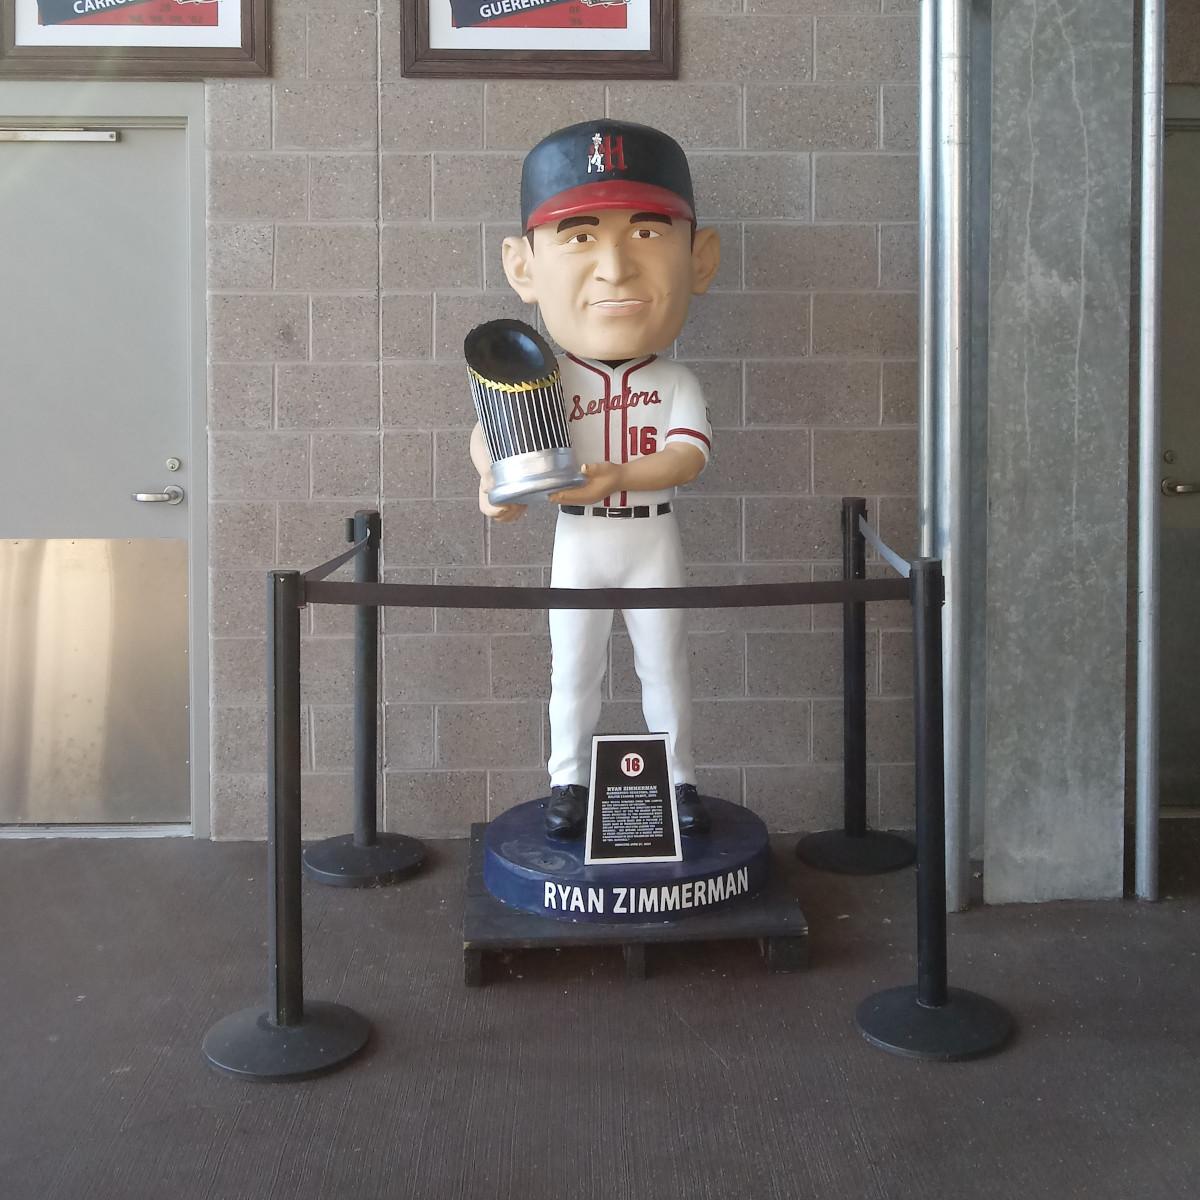 Ryan Zimmerman bobblehead statue at FNB Field